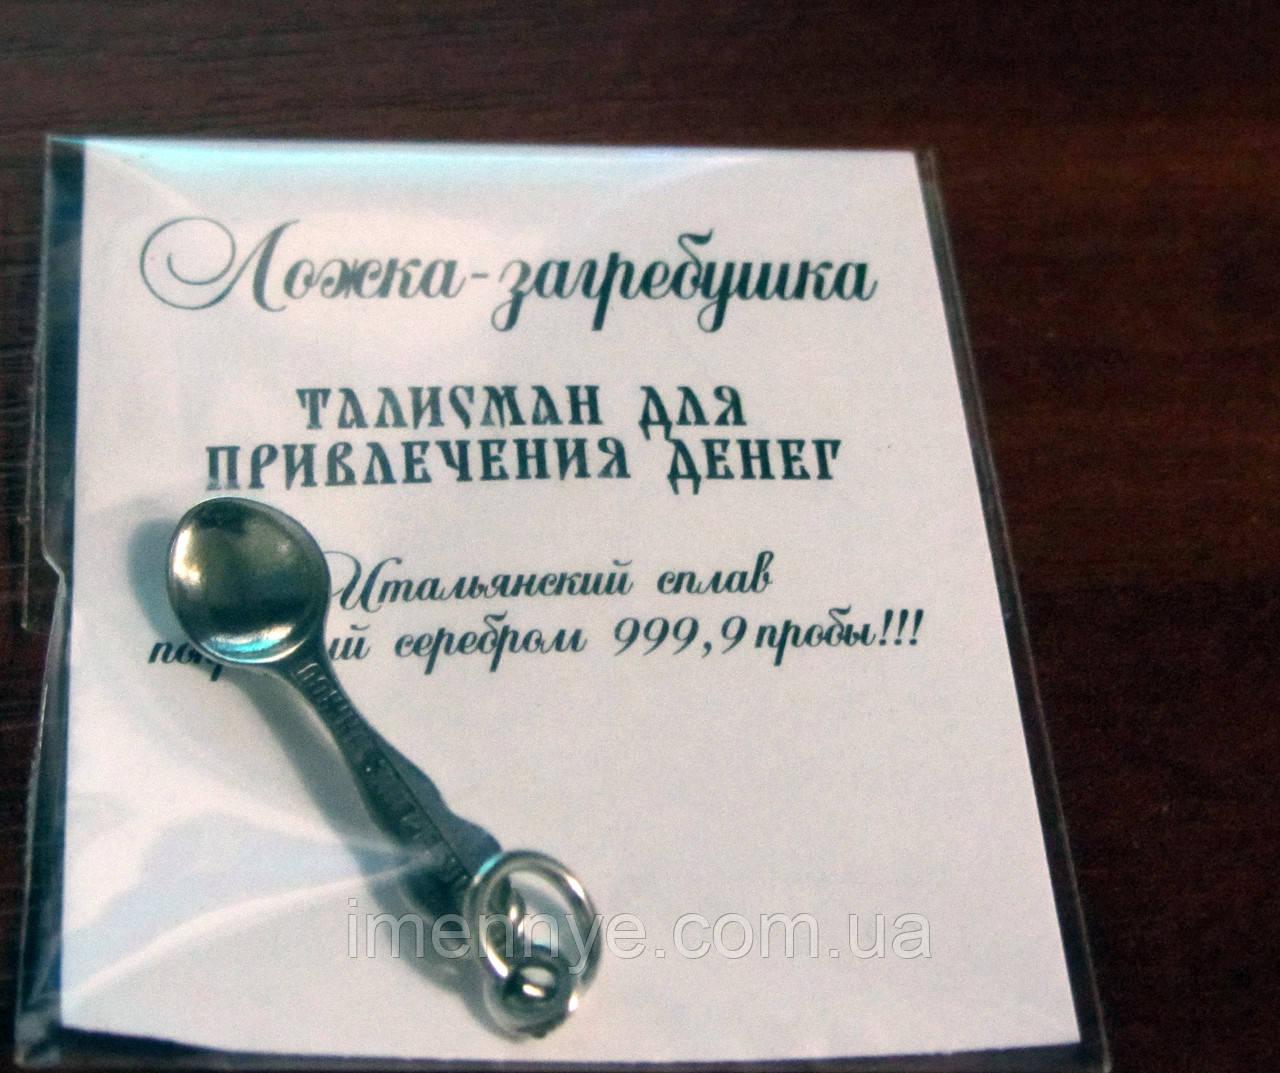 Денежный сувенир ложка загребушка